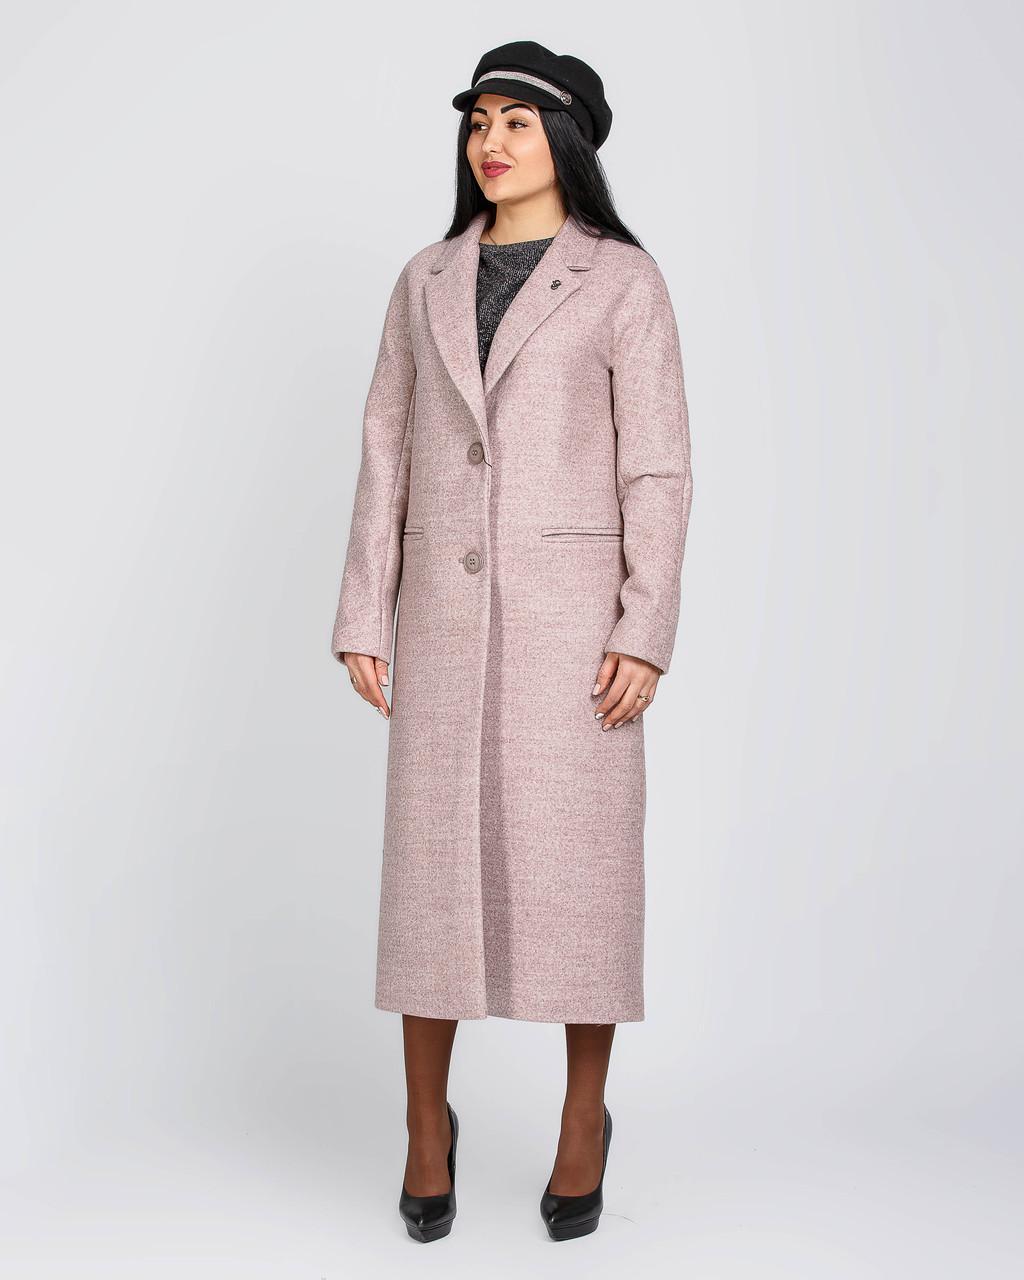 Длинное классическое женское пальто с английским воротником, размеры 40-48